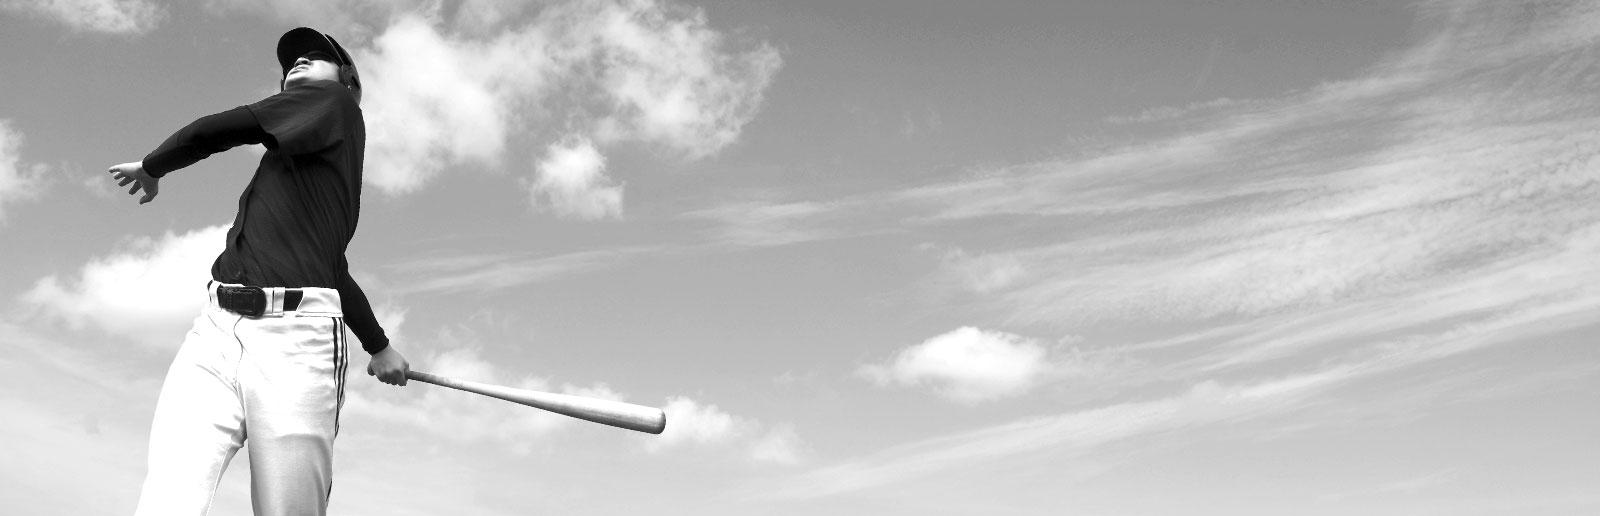 baseball_player